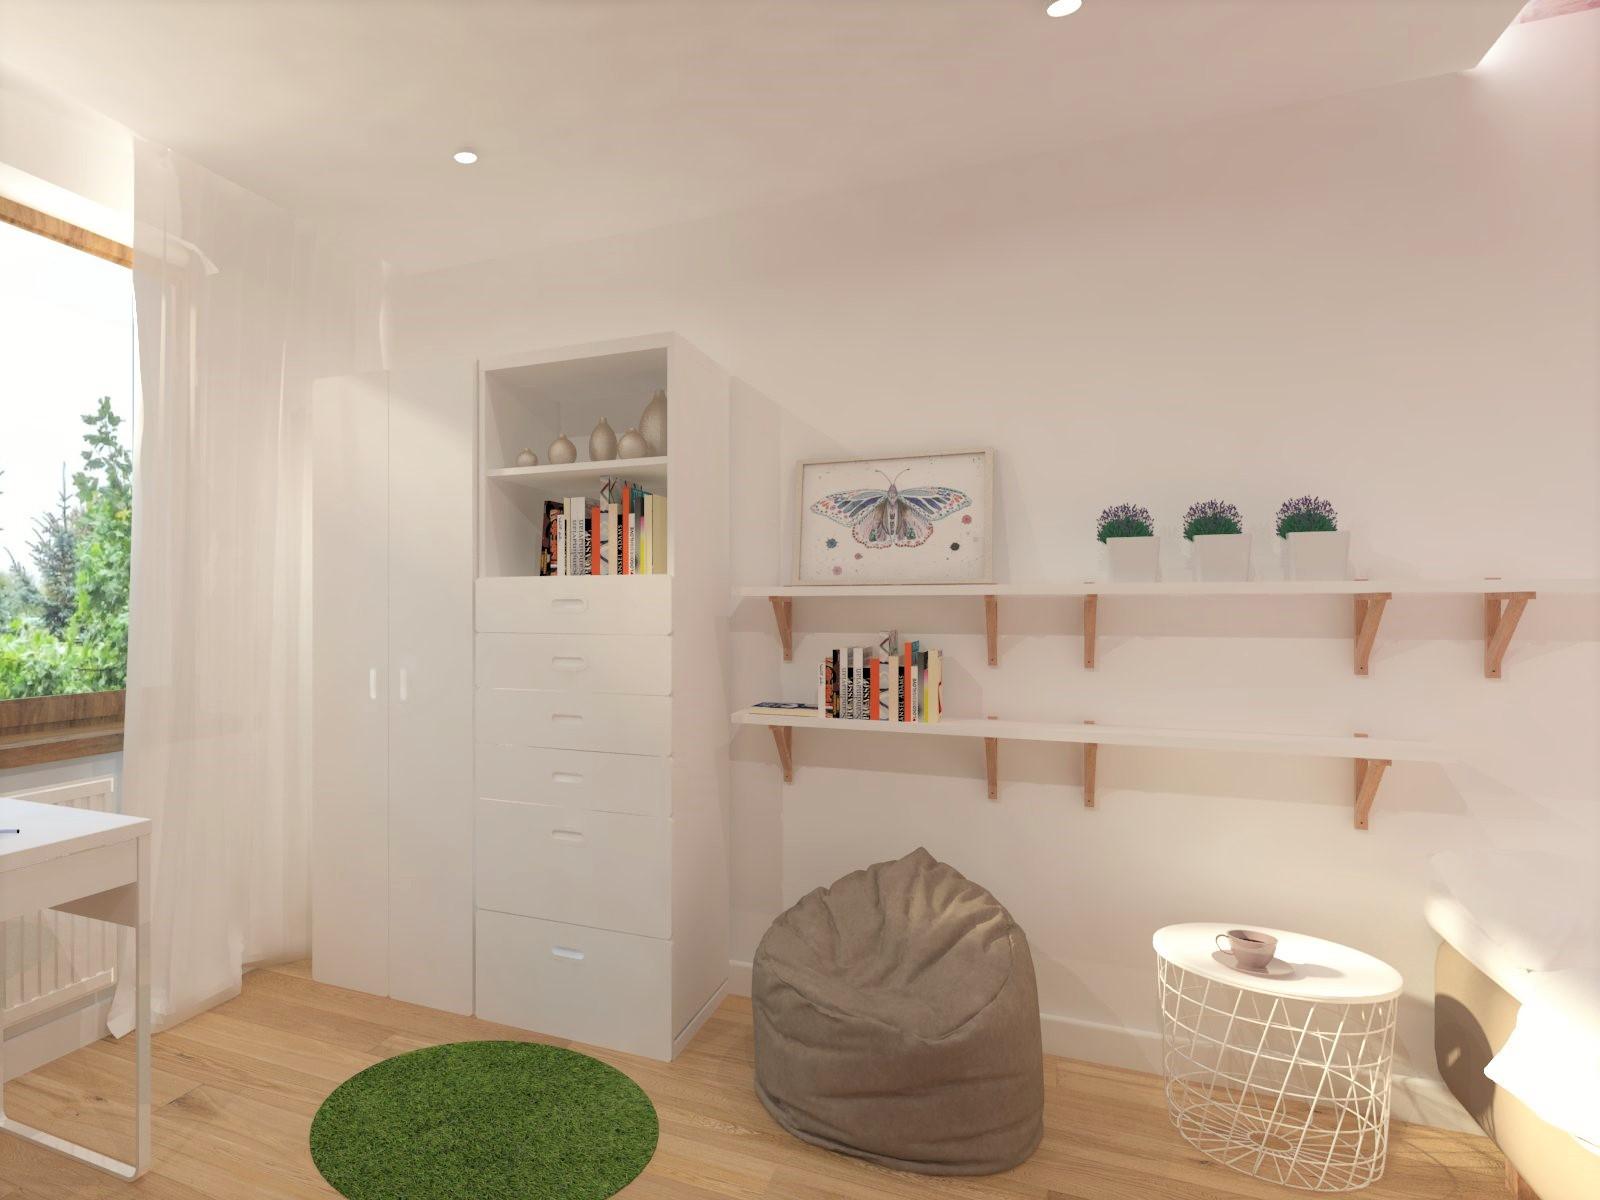 pokój dziecięcy Tychy, projektowanie wnętrz Tychy, różowy pokój dla dziewczynki Tychy, projekt pokoju dziecięcego Tychy